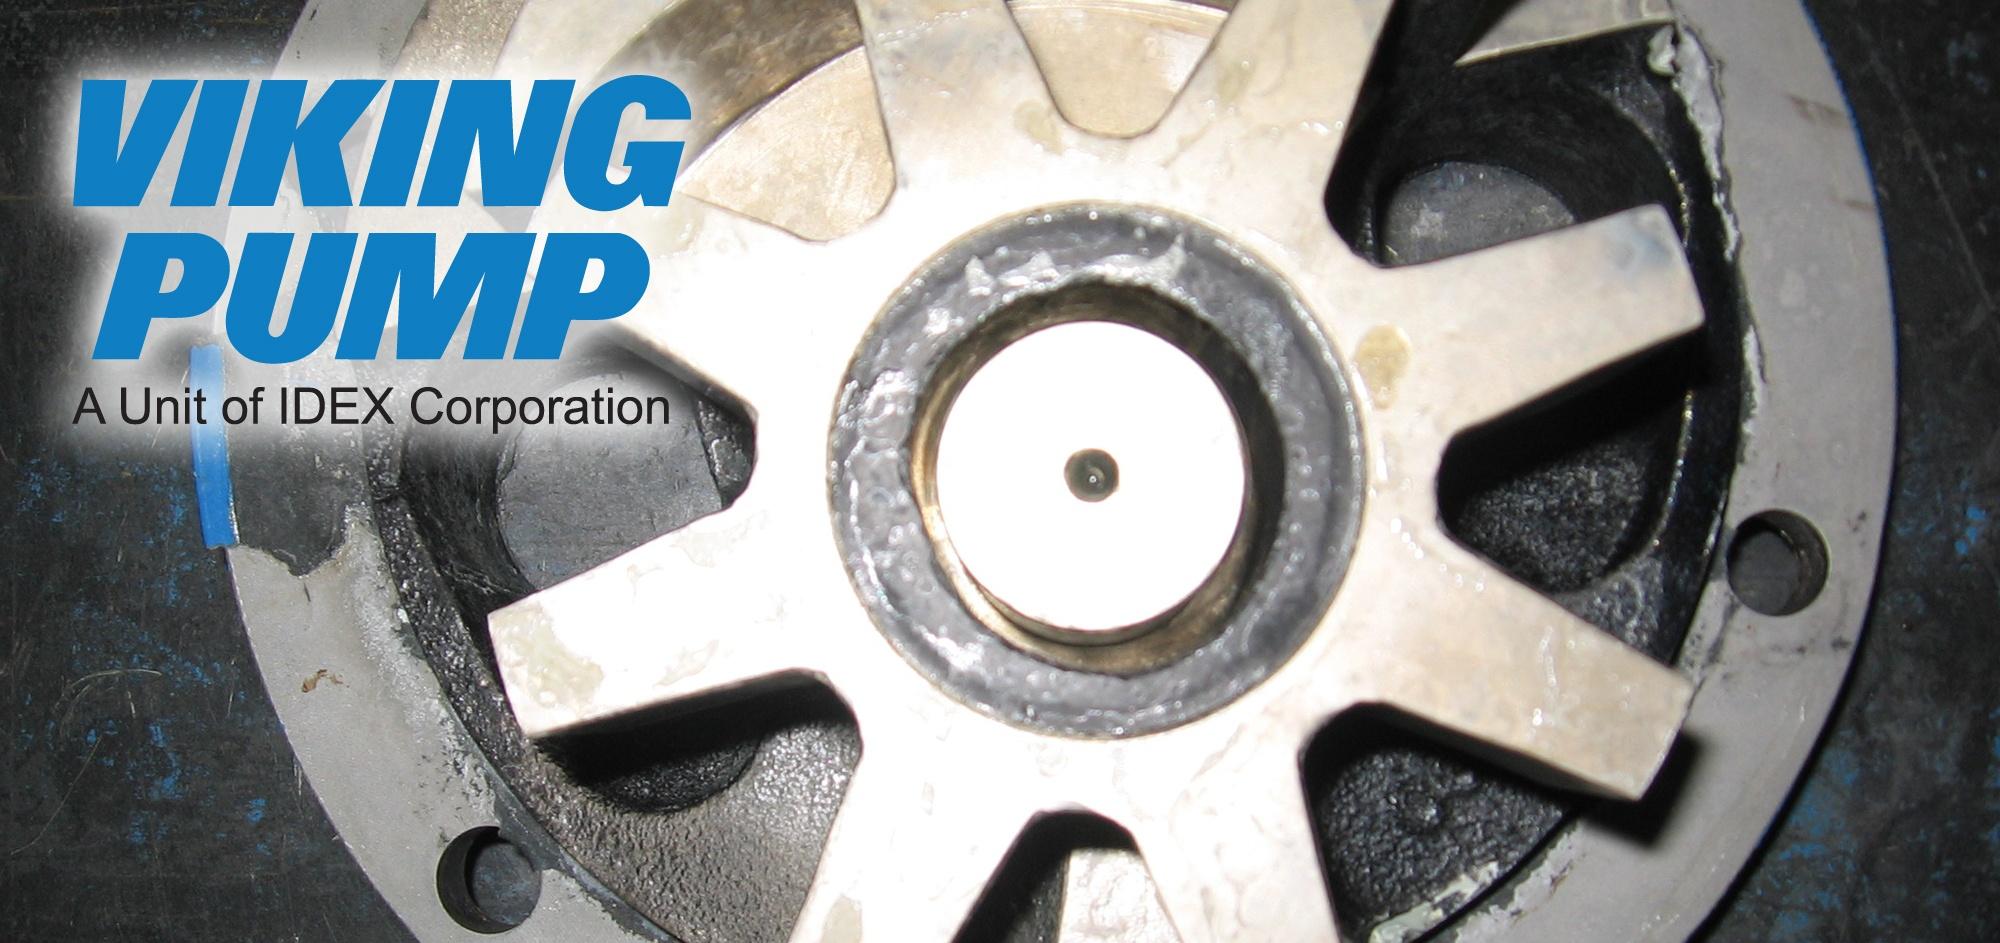 Viking Pump Repair